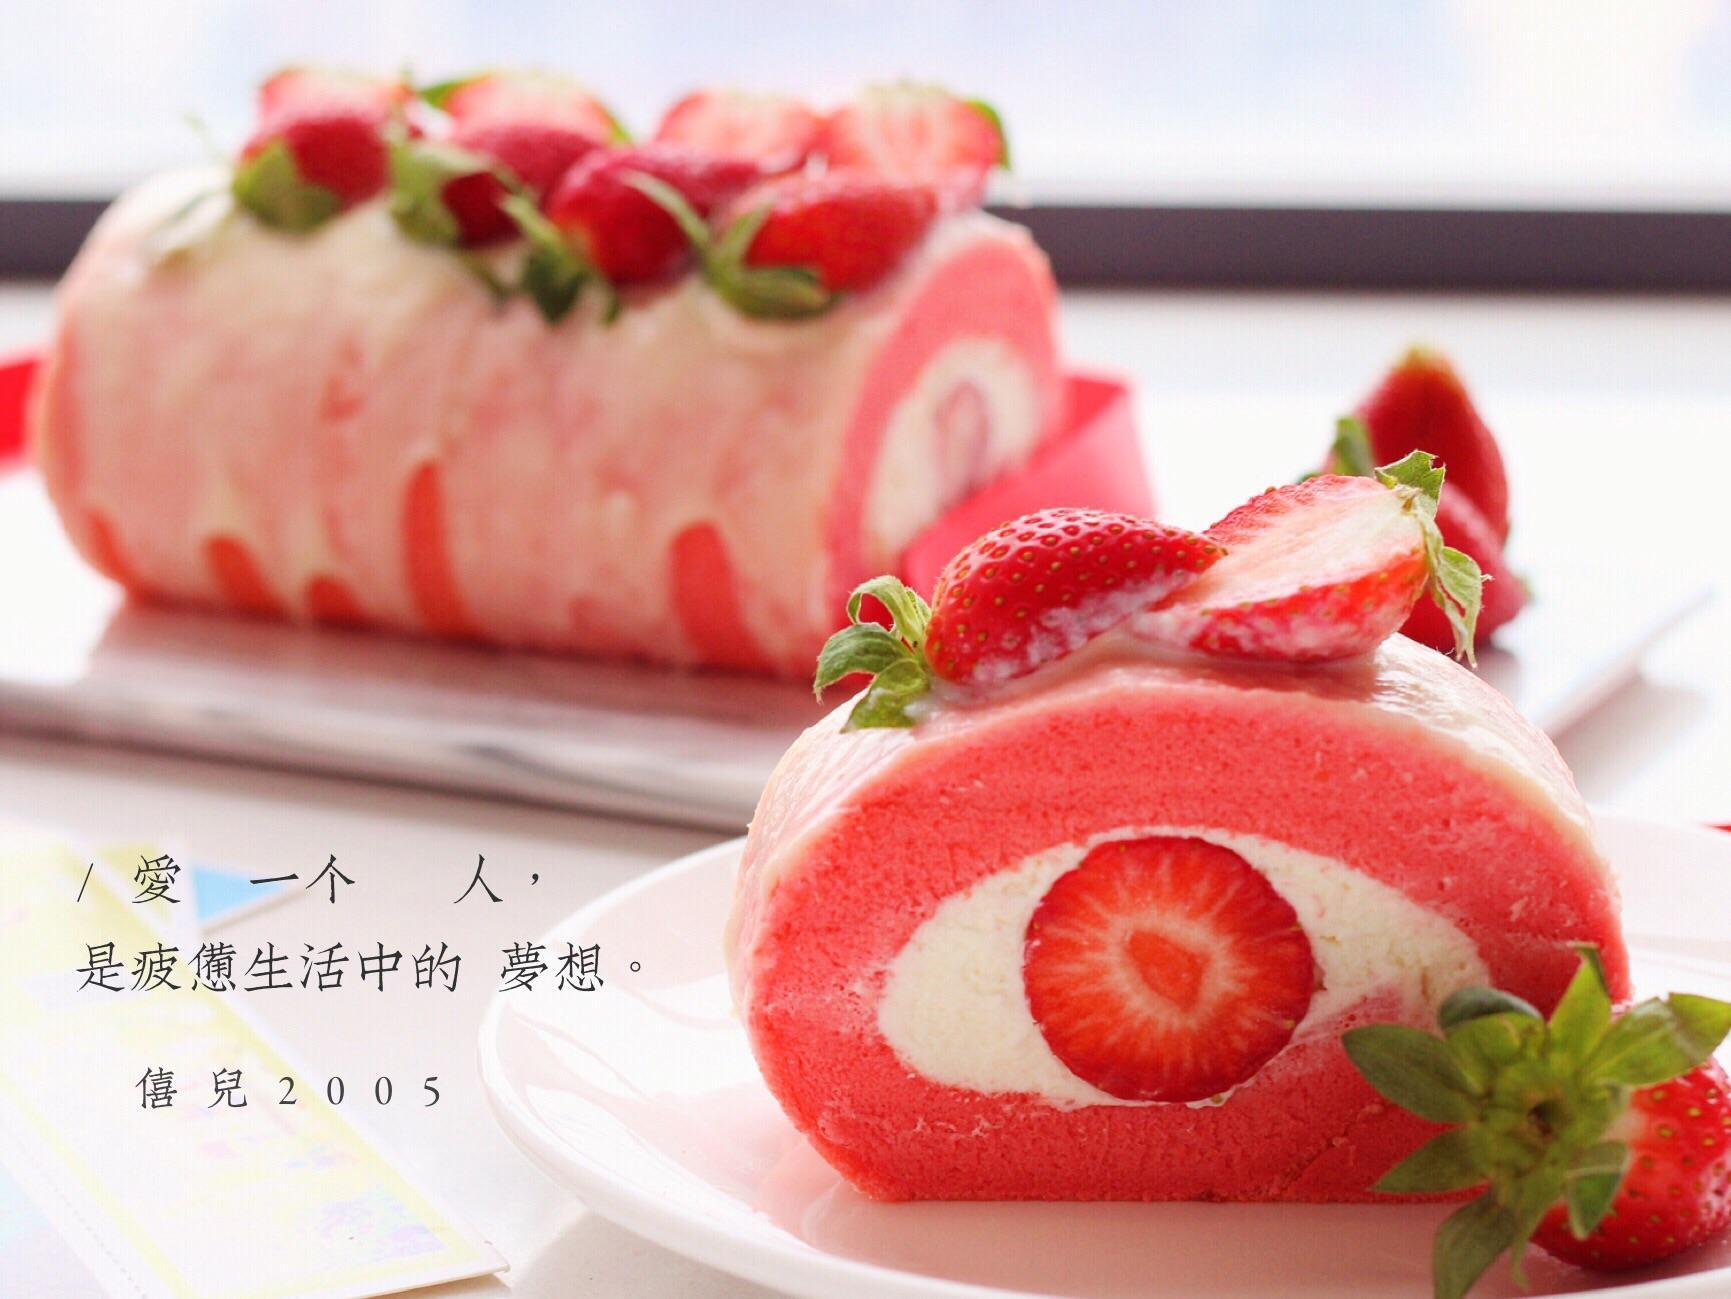 深圳西点学校教你做红丝绒蛋糕卷,超好吃!